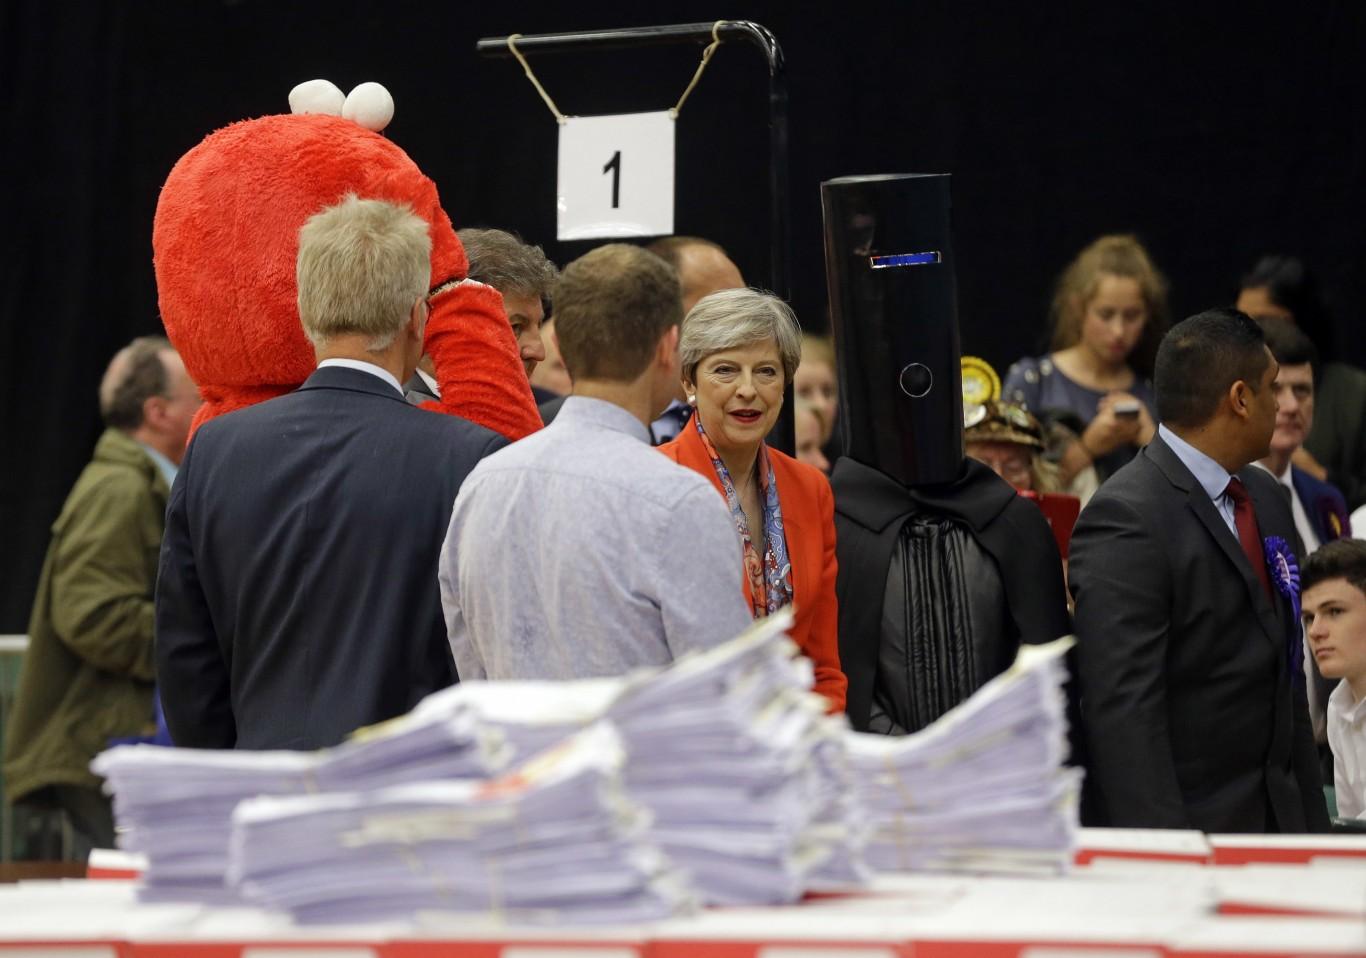 Theresa May and Lord Buckethead